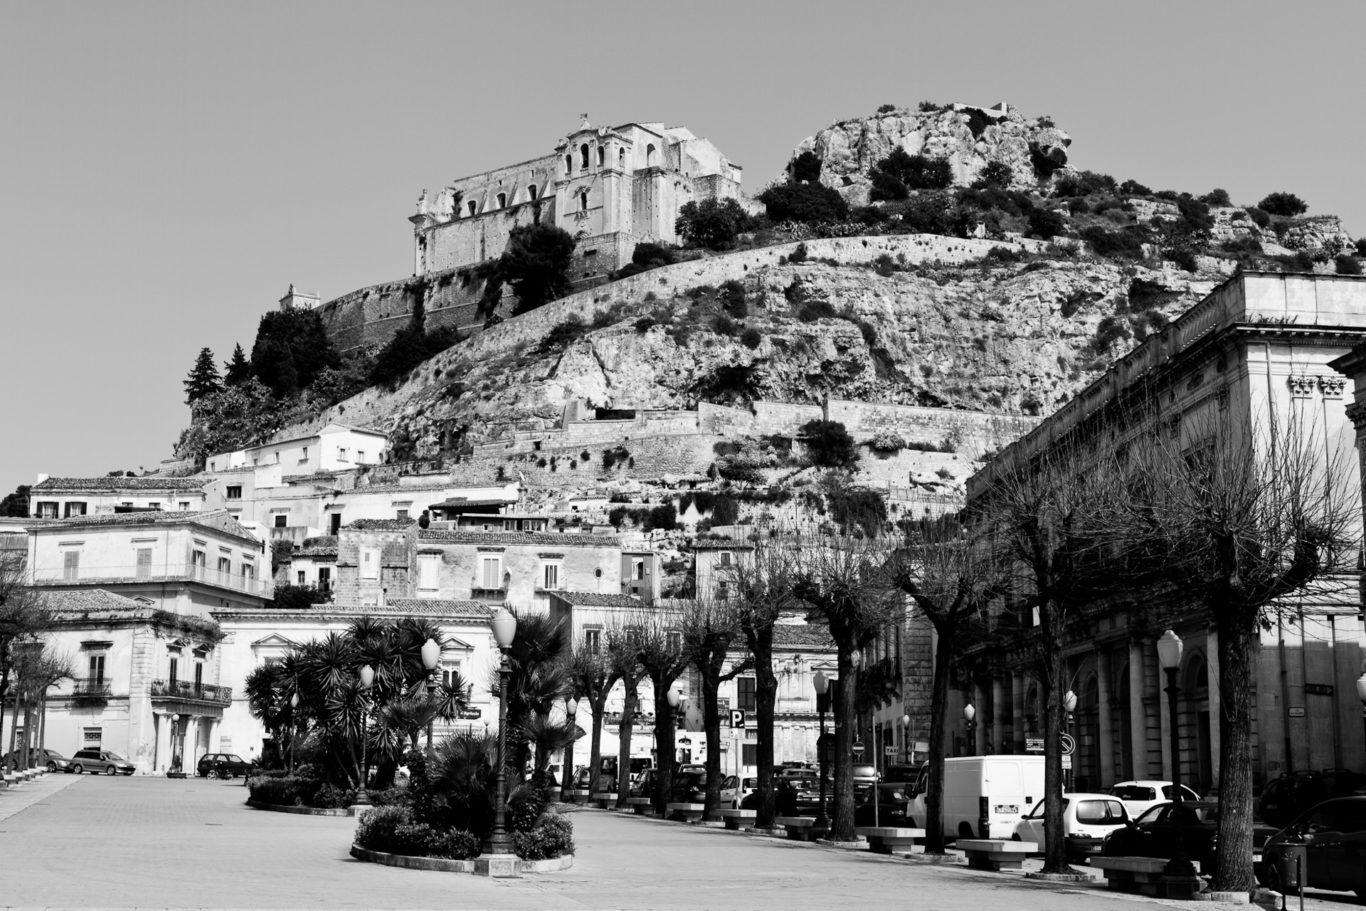 Scicli - I luoghi delle celebrazioni per la pasqua nella città sicialiana di Scicli. La città si prepara per la festa di Domenica.